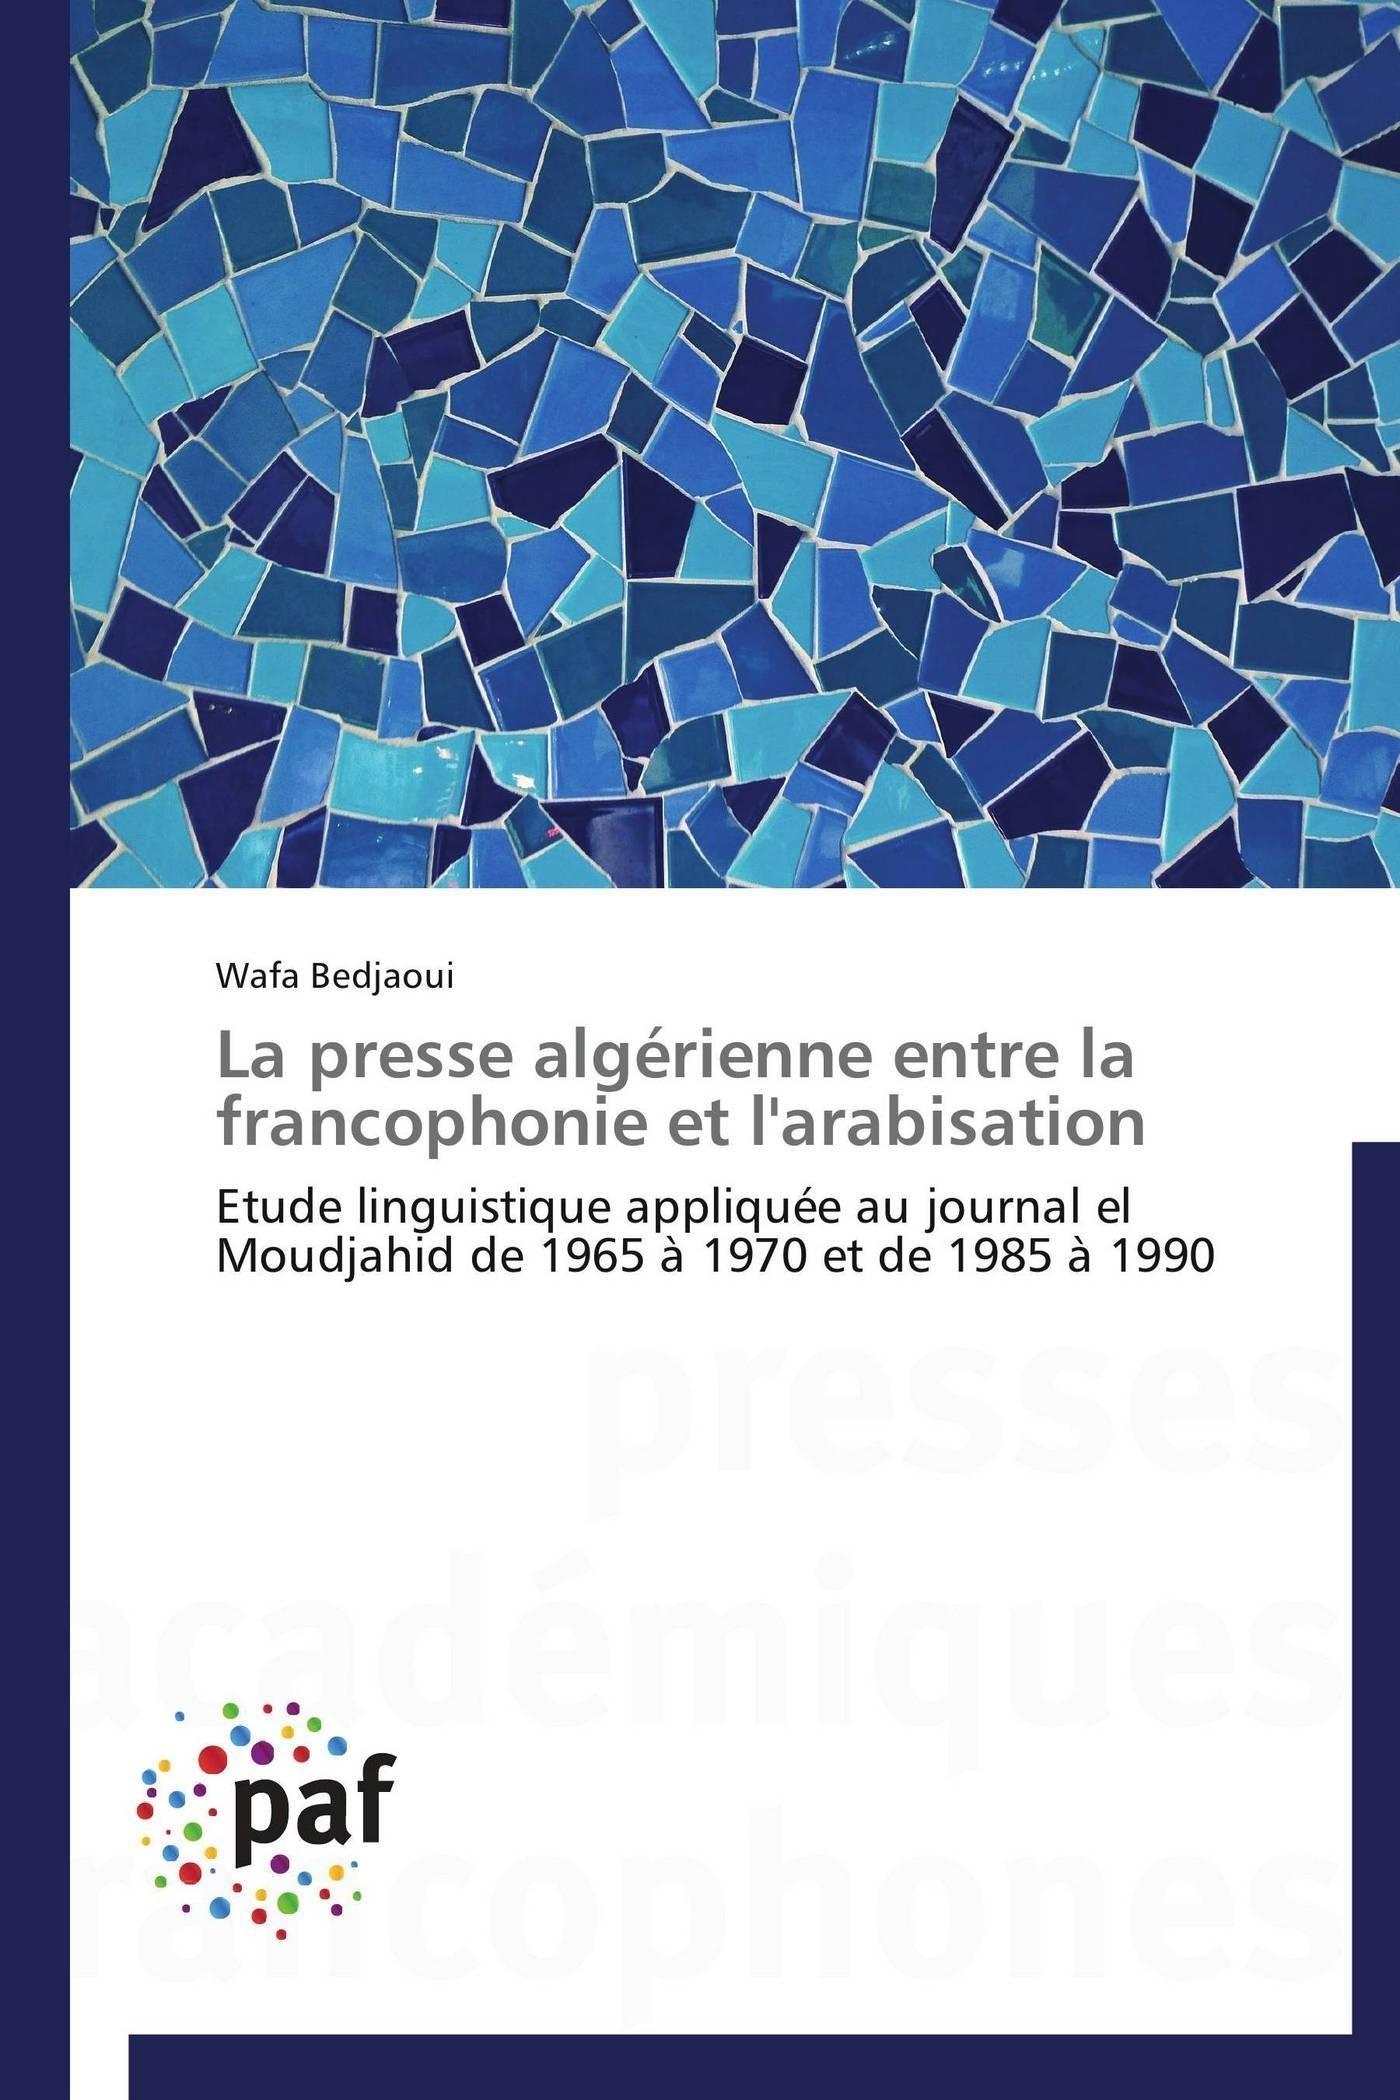 LA PRESSE ALGERIENNE ENTRE LA FRANCOPHONIE ET L'ARABISATION